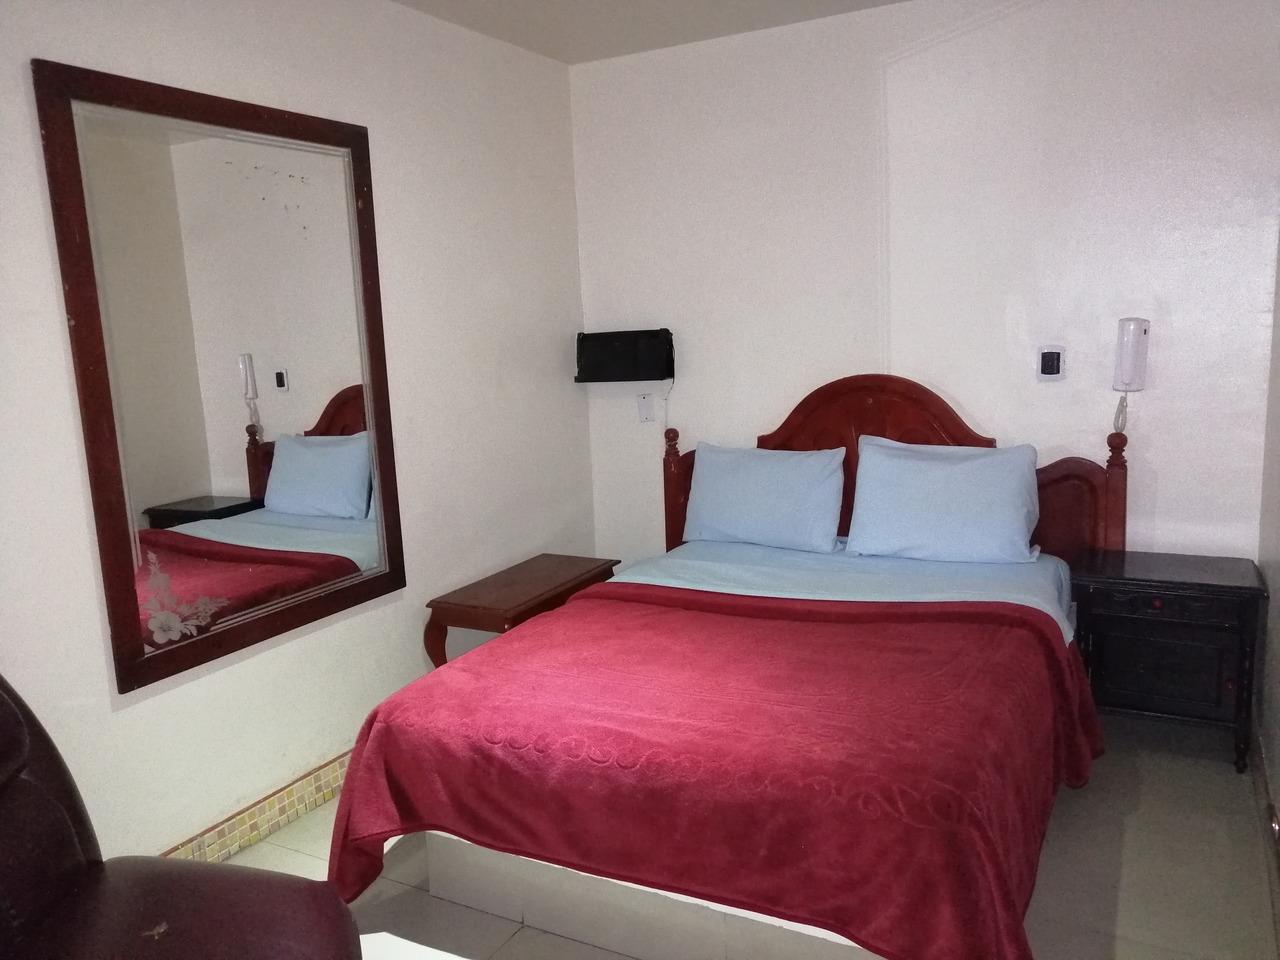 Habitación Sencilla en VLC Hospedaje : MotelNow